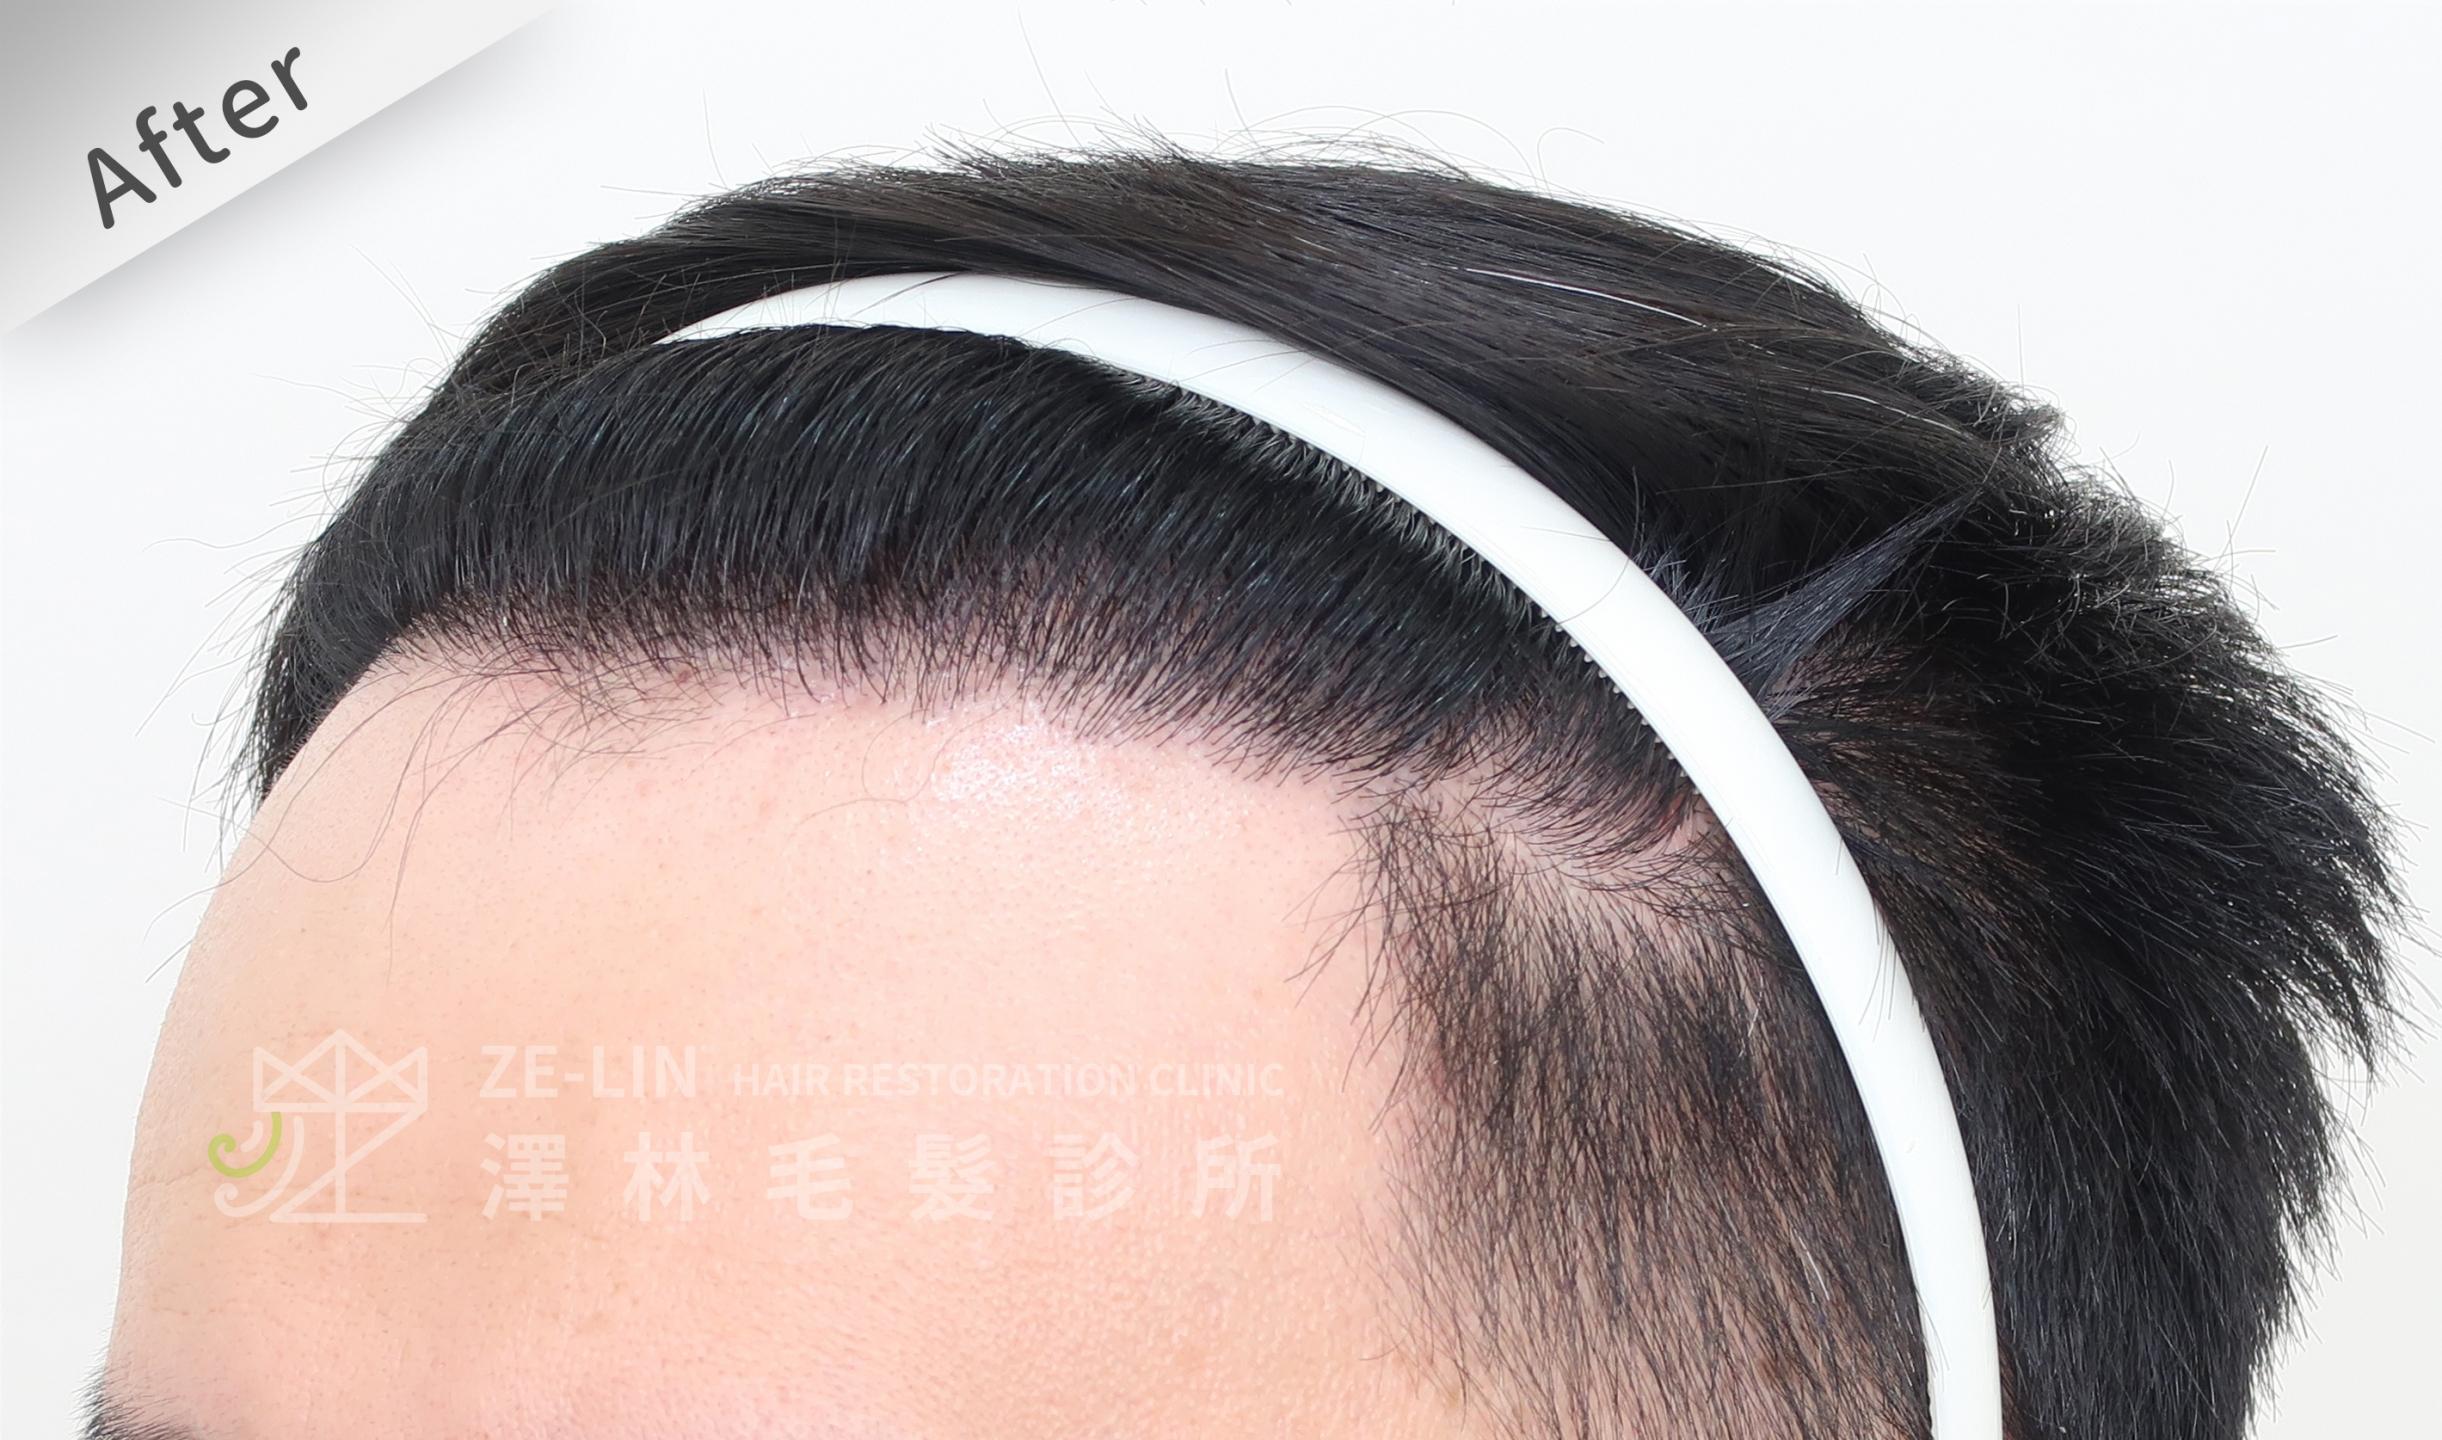 M型禿植髮推薦案例心得分享術後12-3